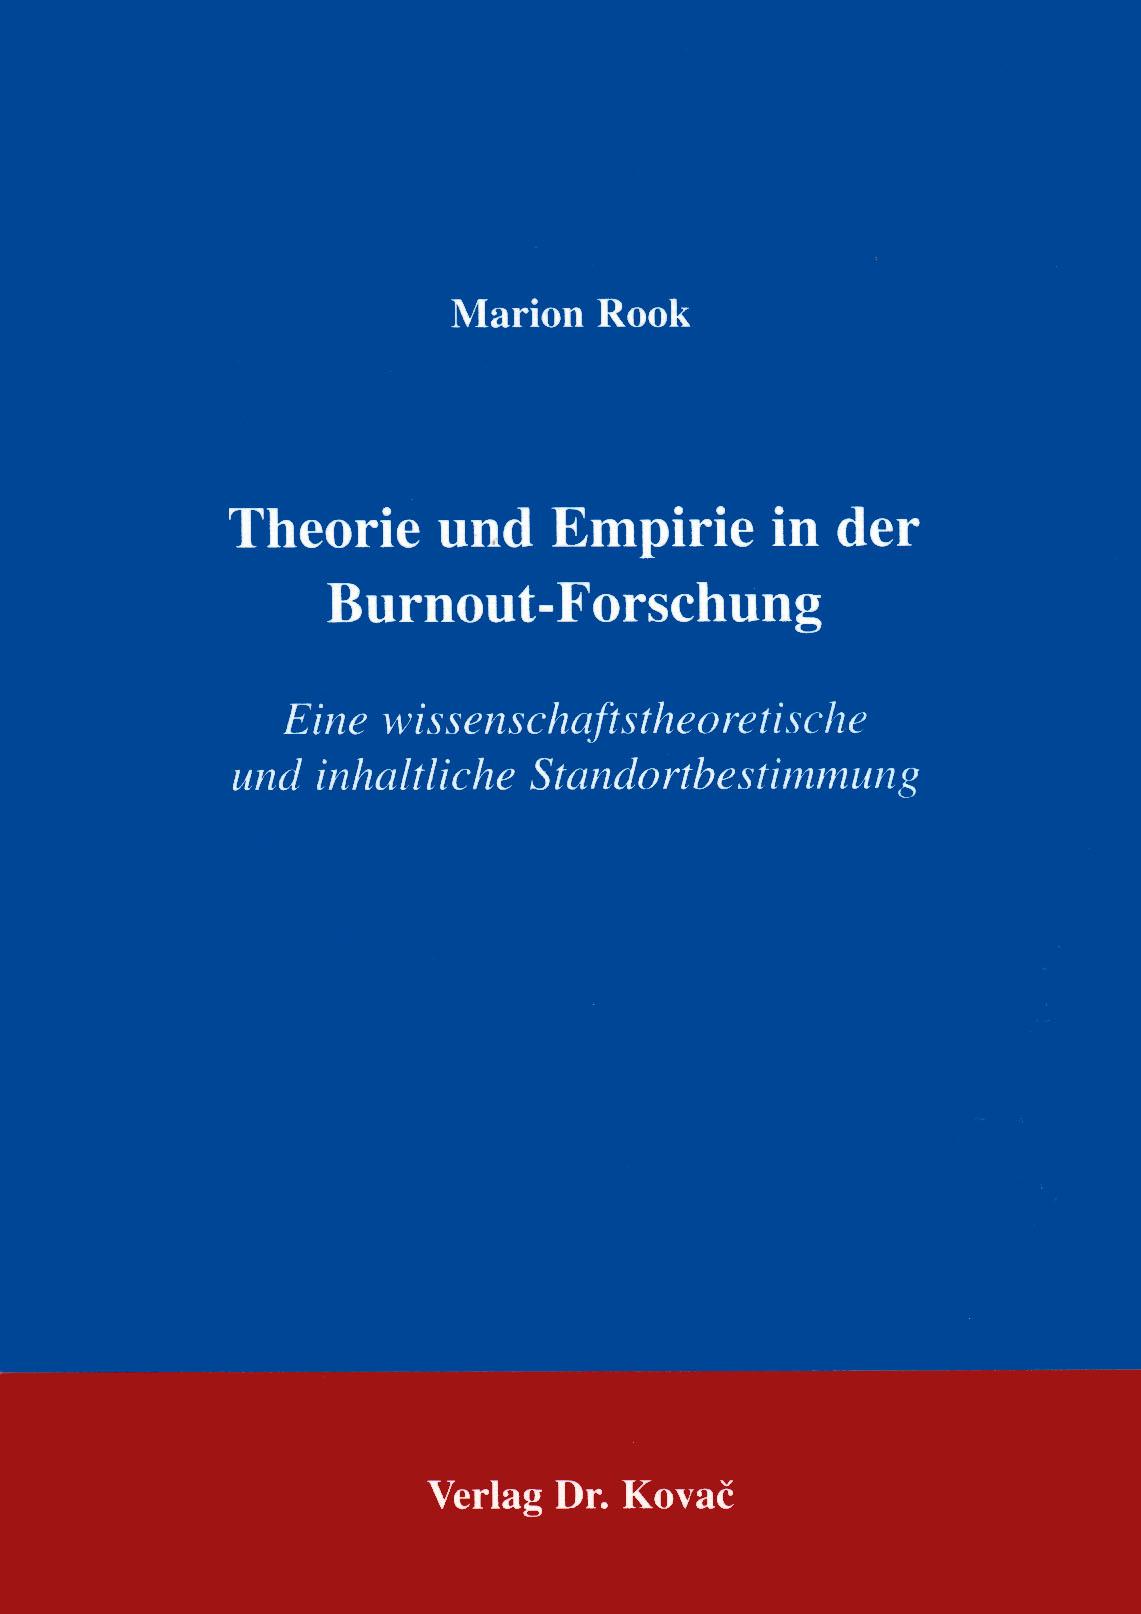 Cover: Theorie und Empirie in der Burnout-Forschung